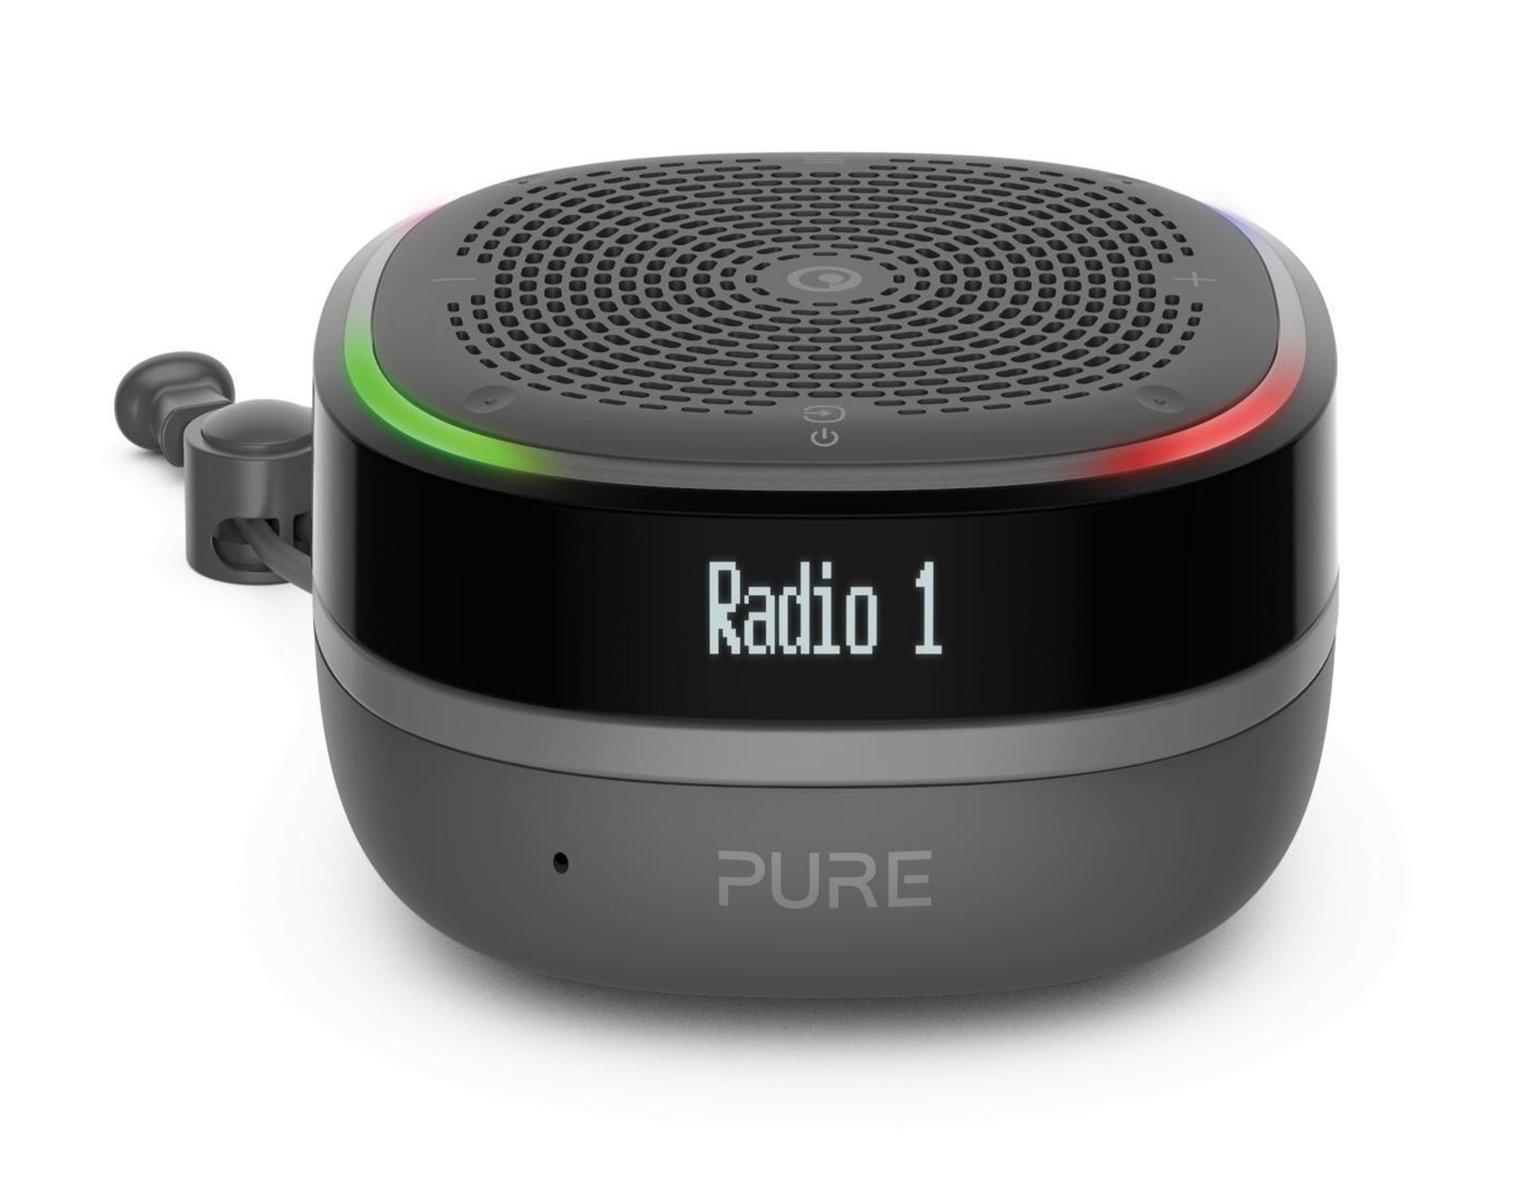 Pure StreamR Portable Bluetooth Speaker/ DAB Radio - Black